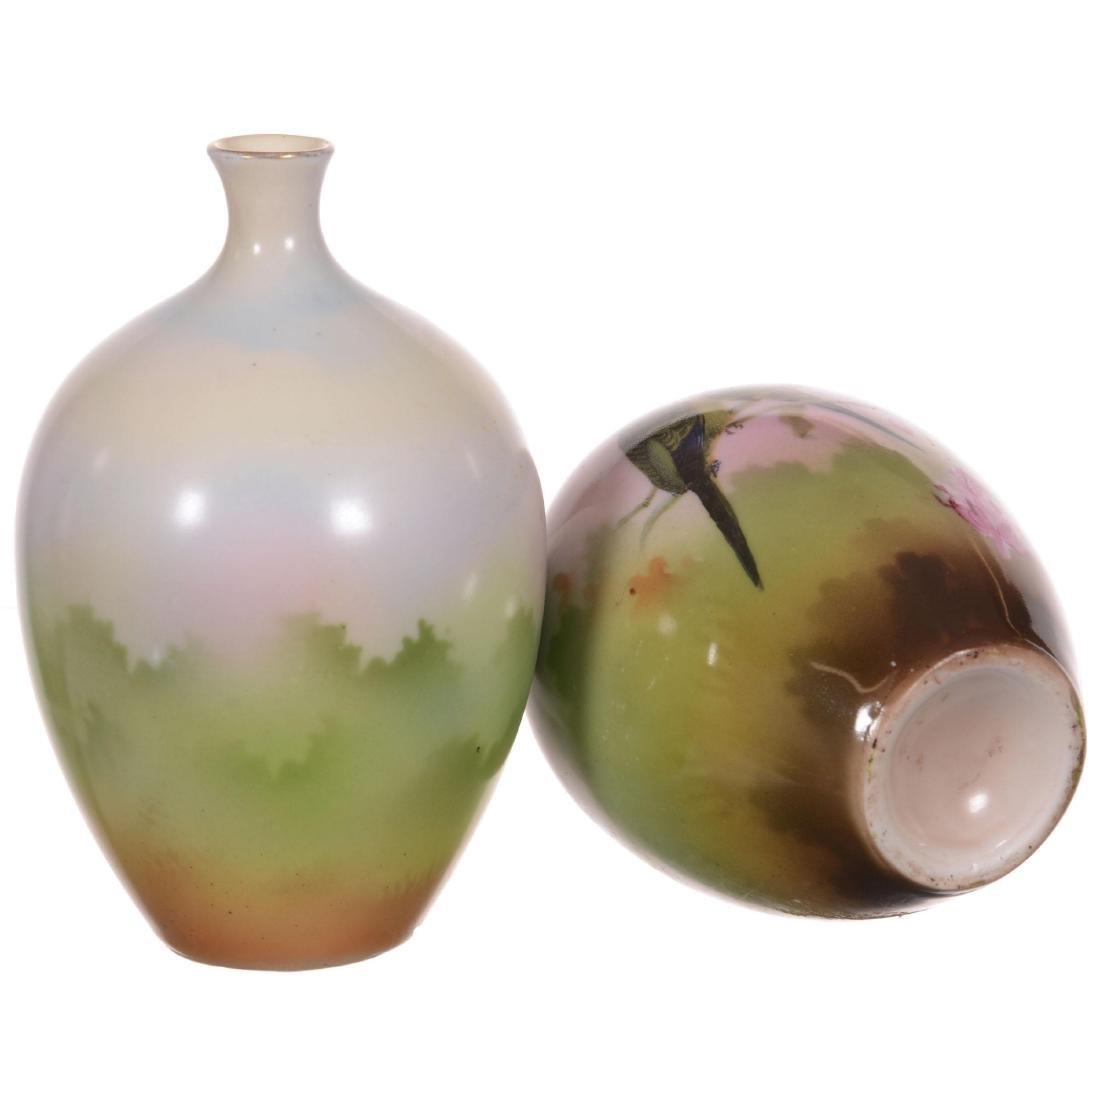 Royal Bayreuth Pair of Matching Vases - 2